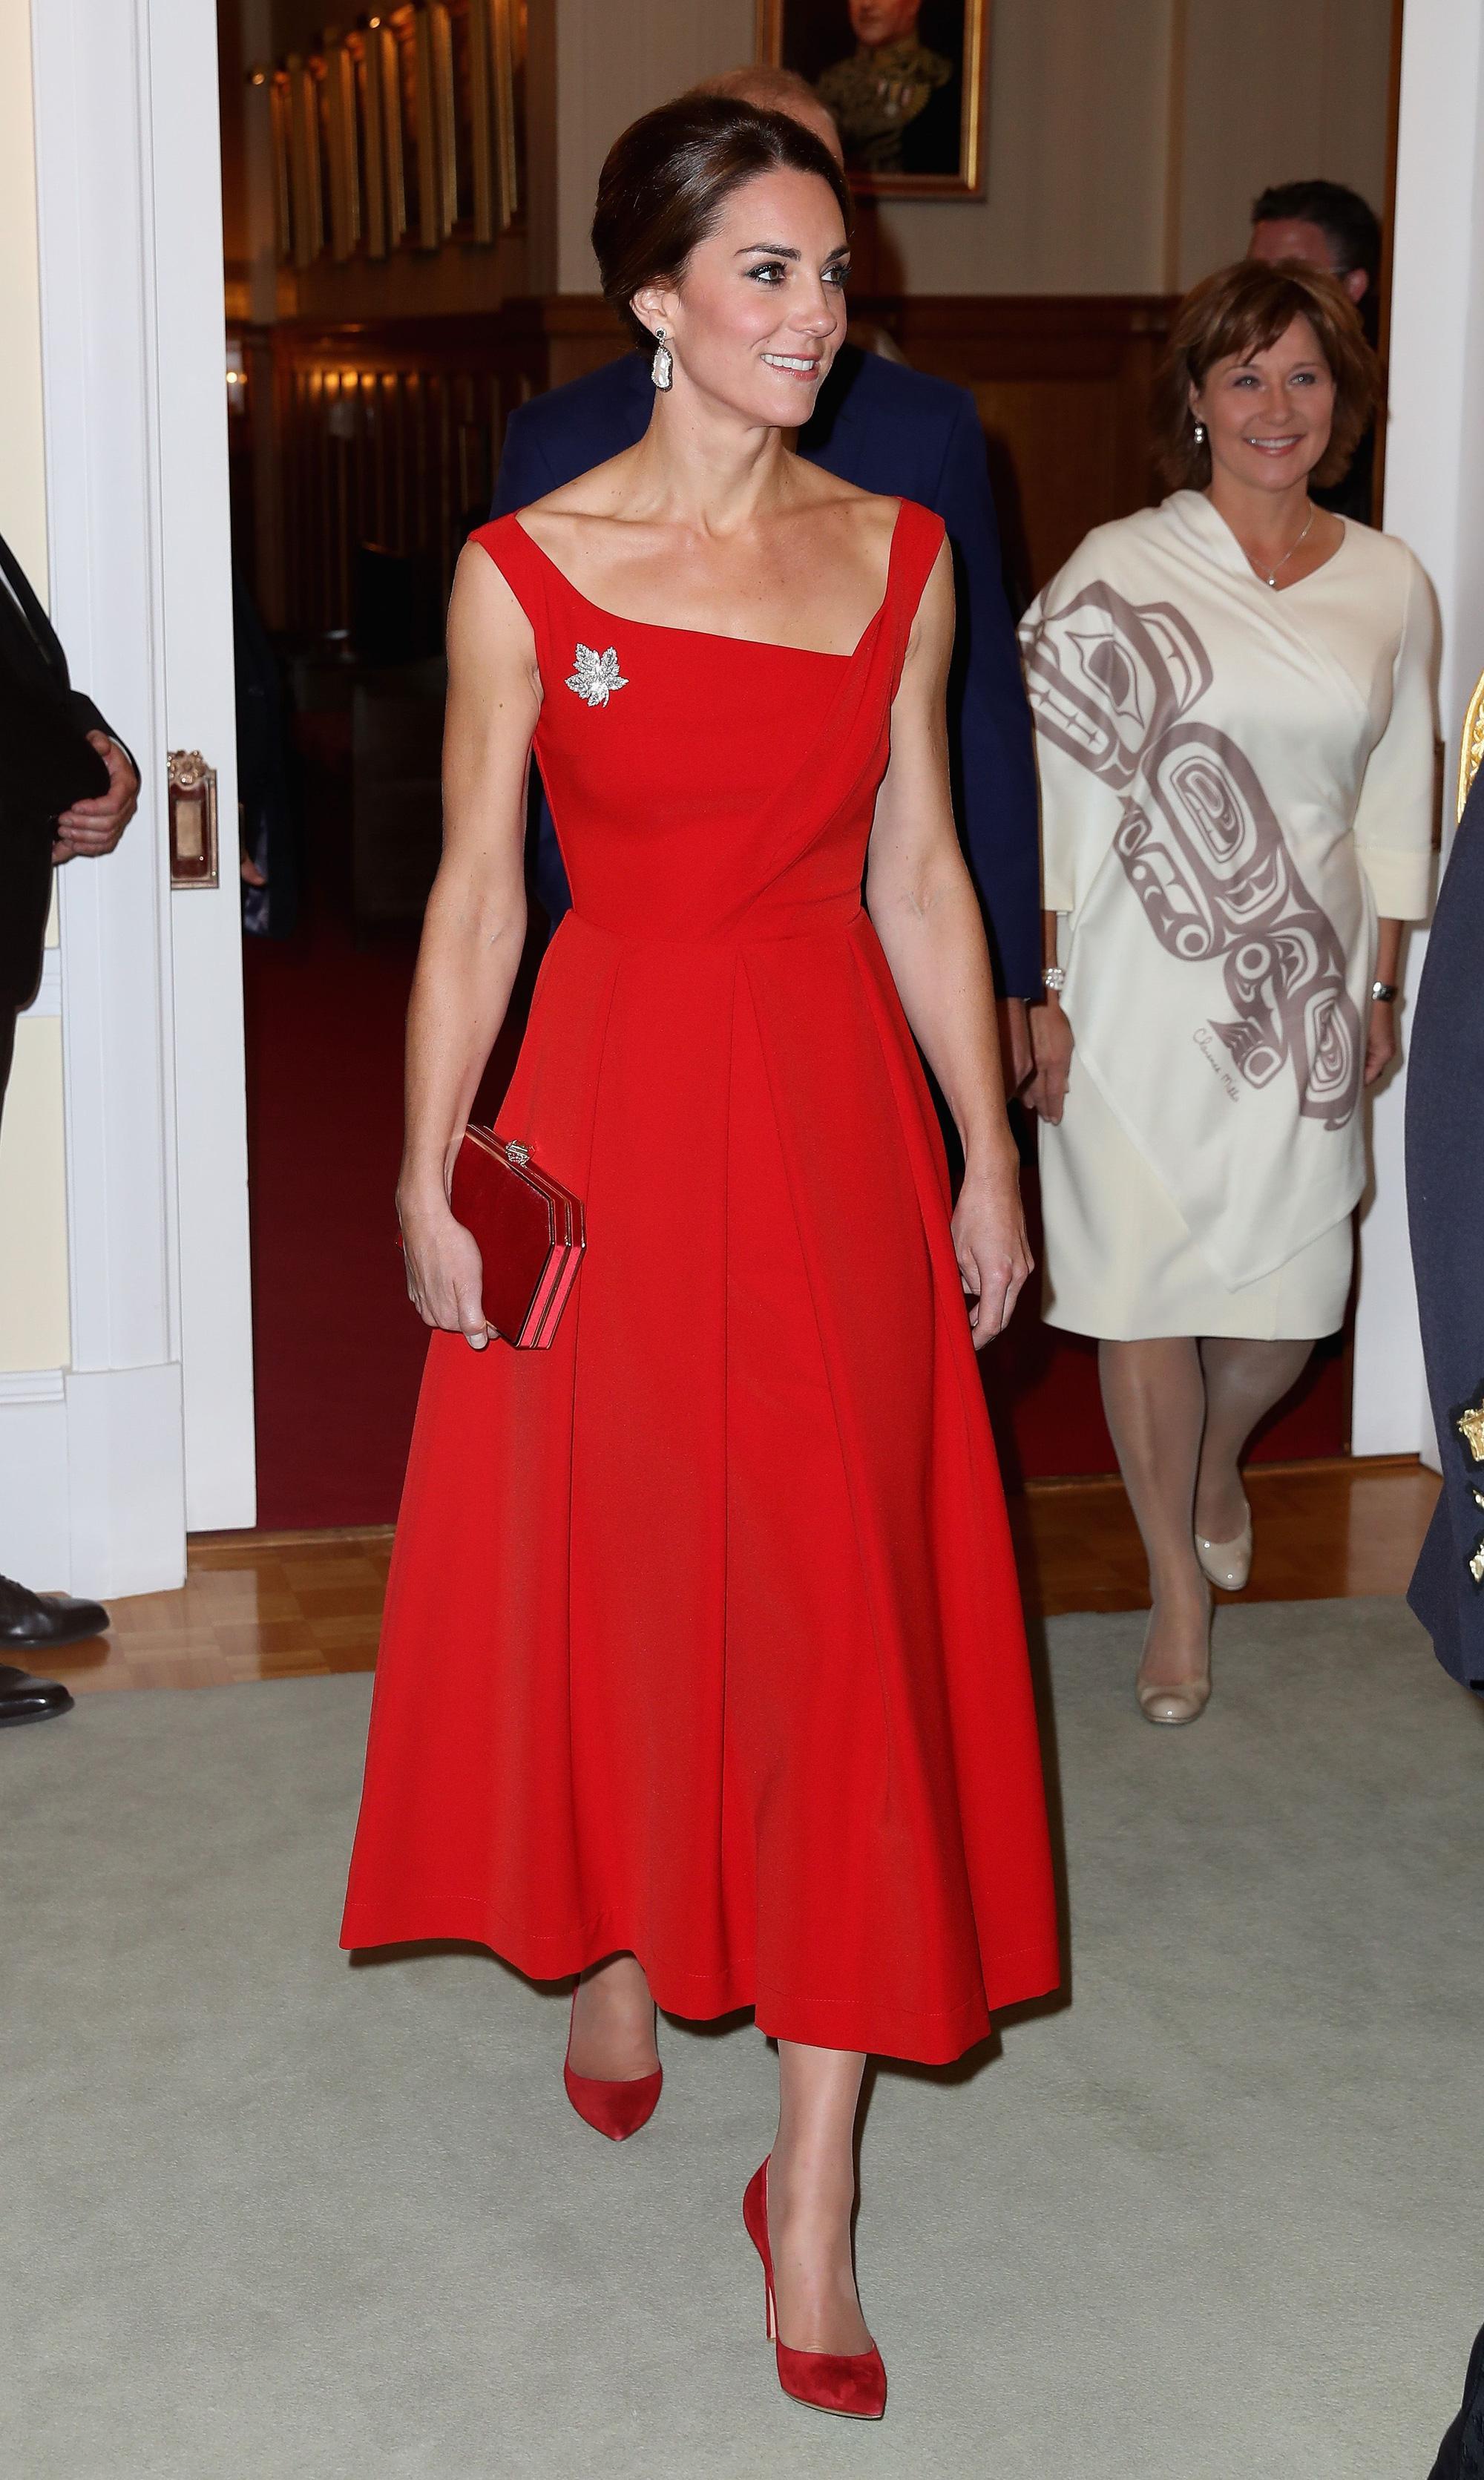 Mùa Hè chăm diện váy vóc, học theo Công nương Kate cách chọn giày với váy thì style của các chị em còn thăng điểm vài phần Ảnh 4